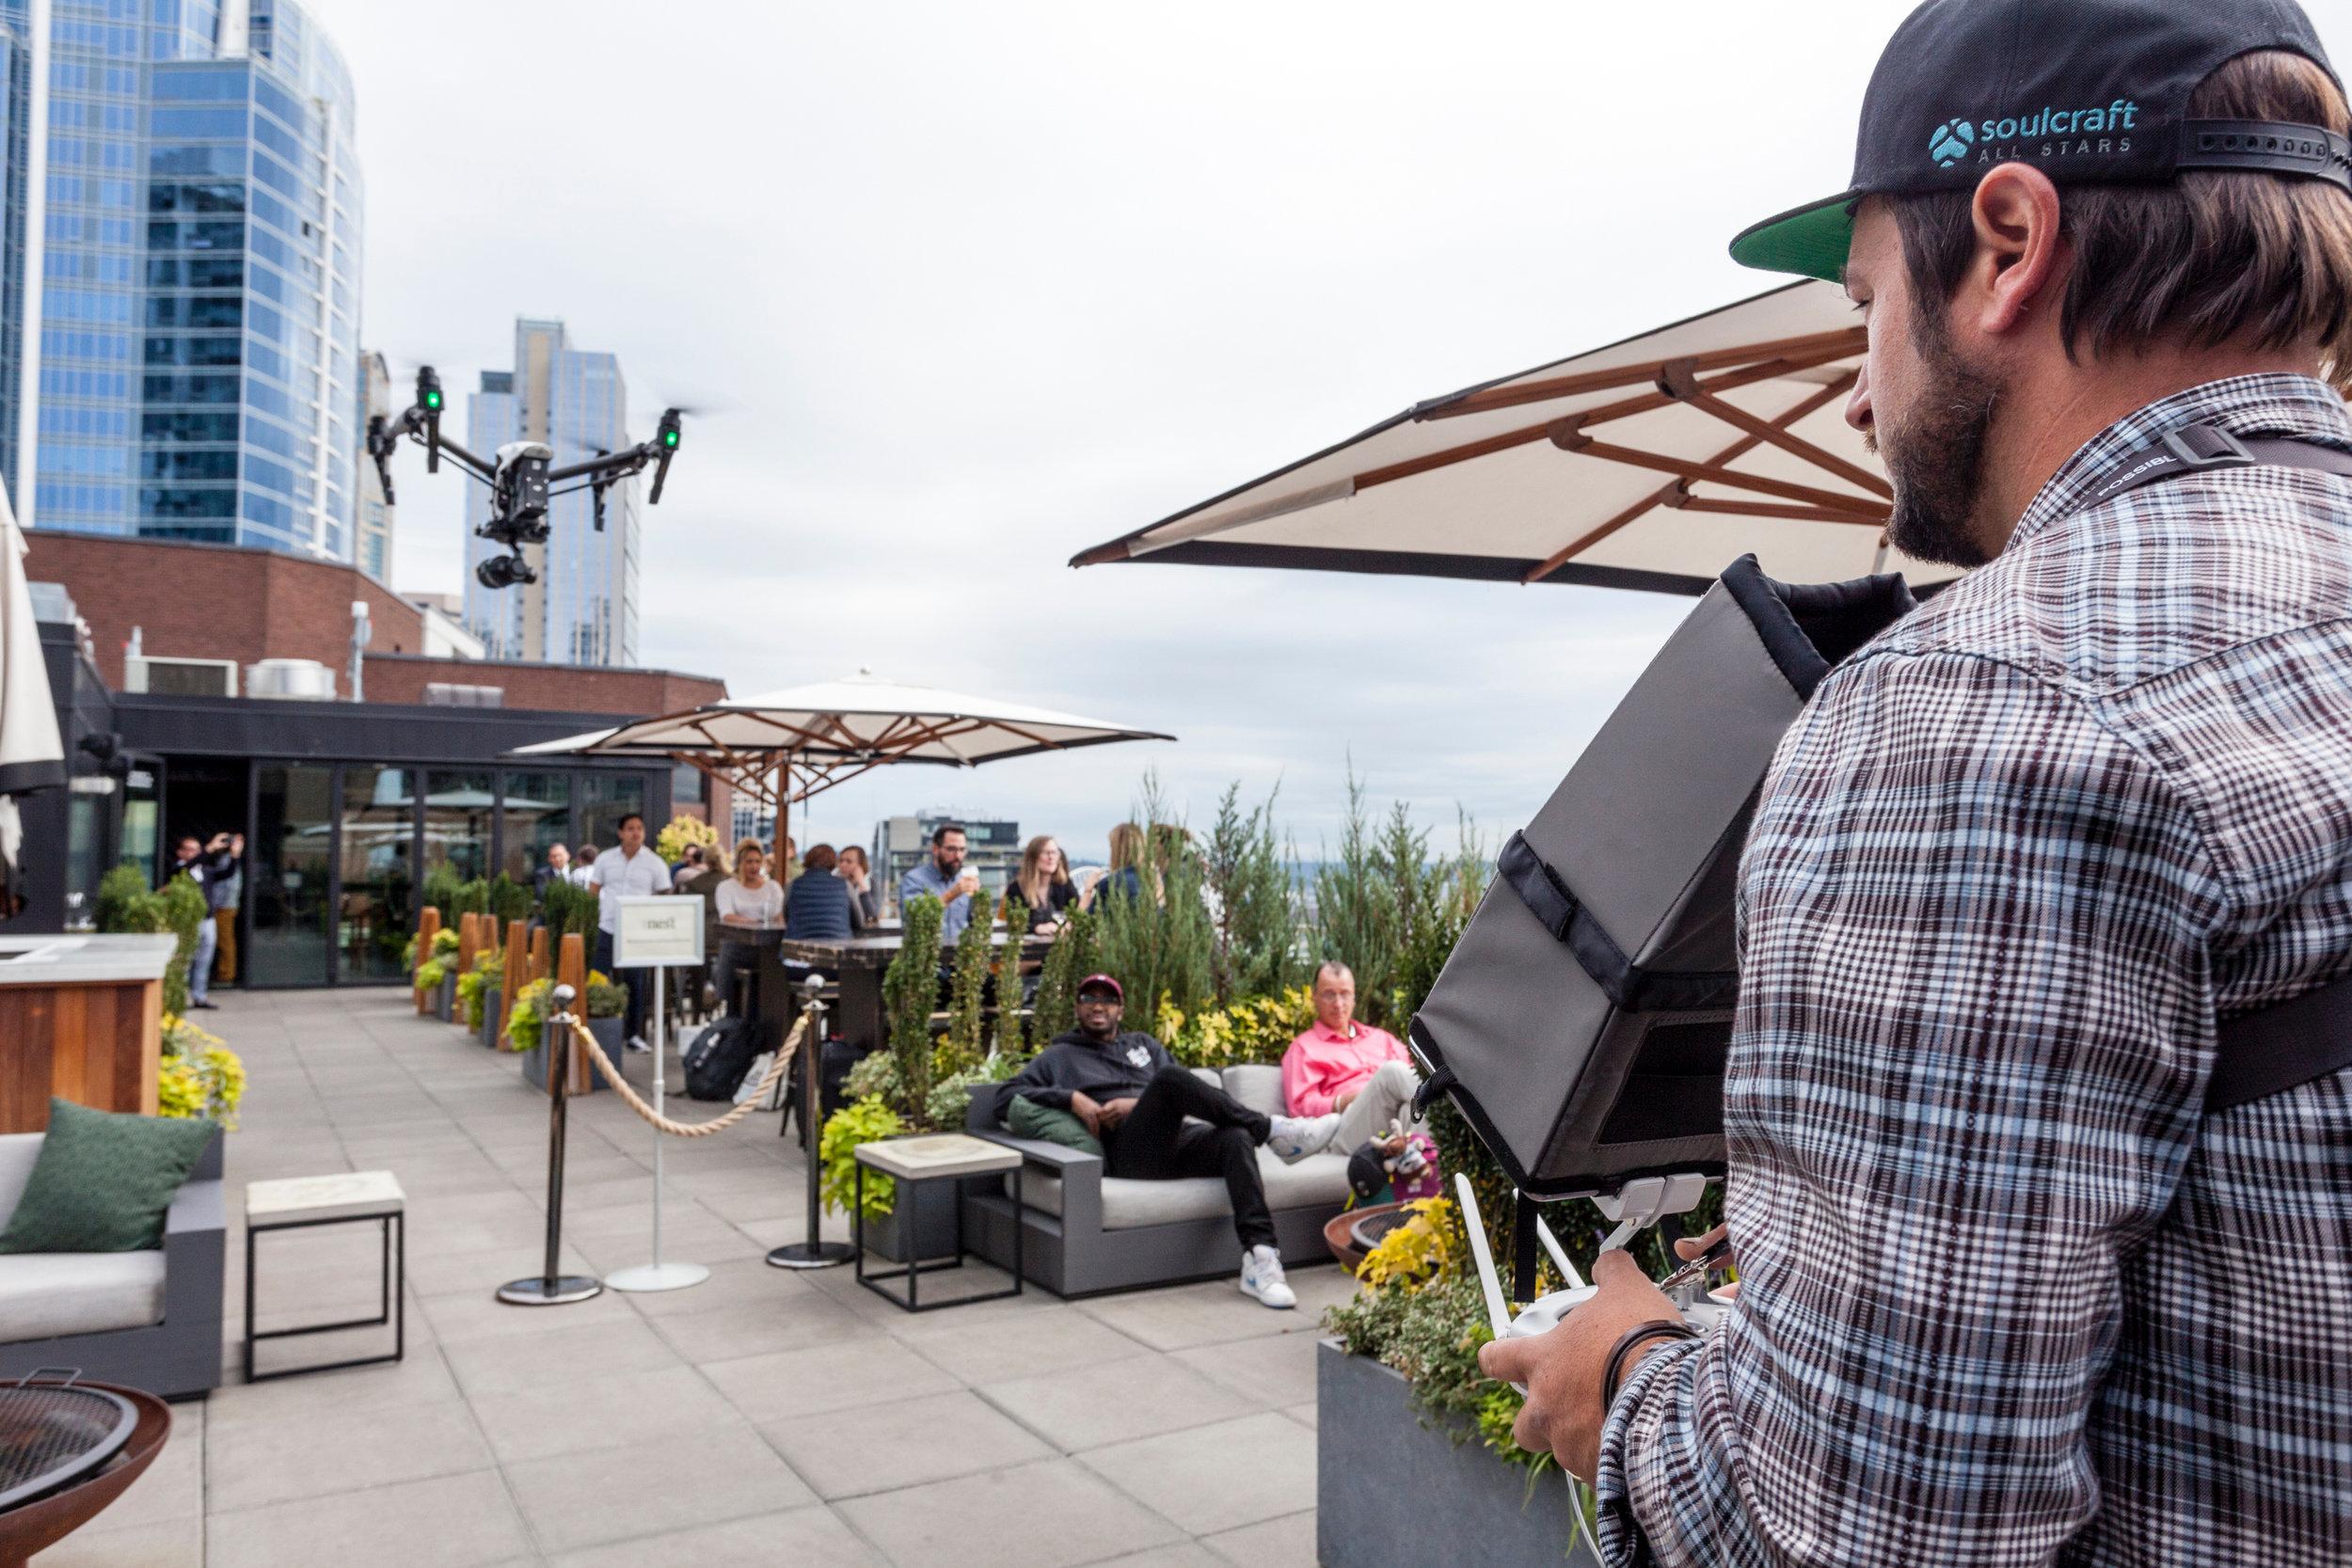 Soulcraft Allstars photographer filming outside restaurant